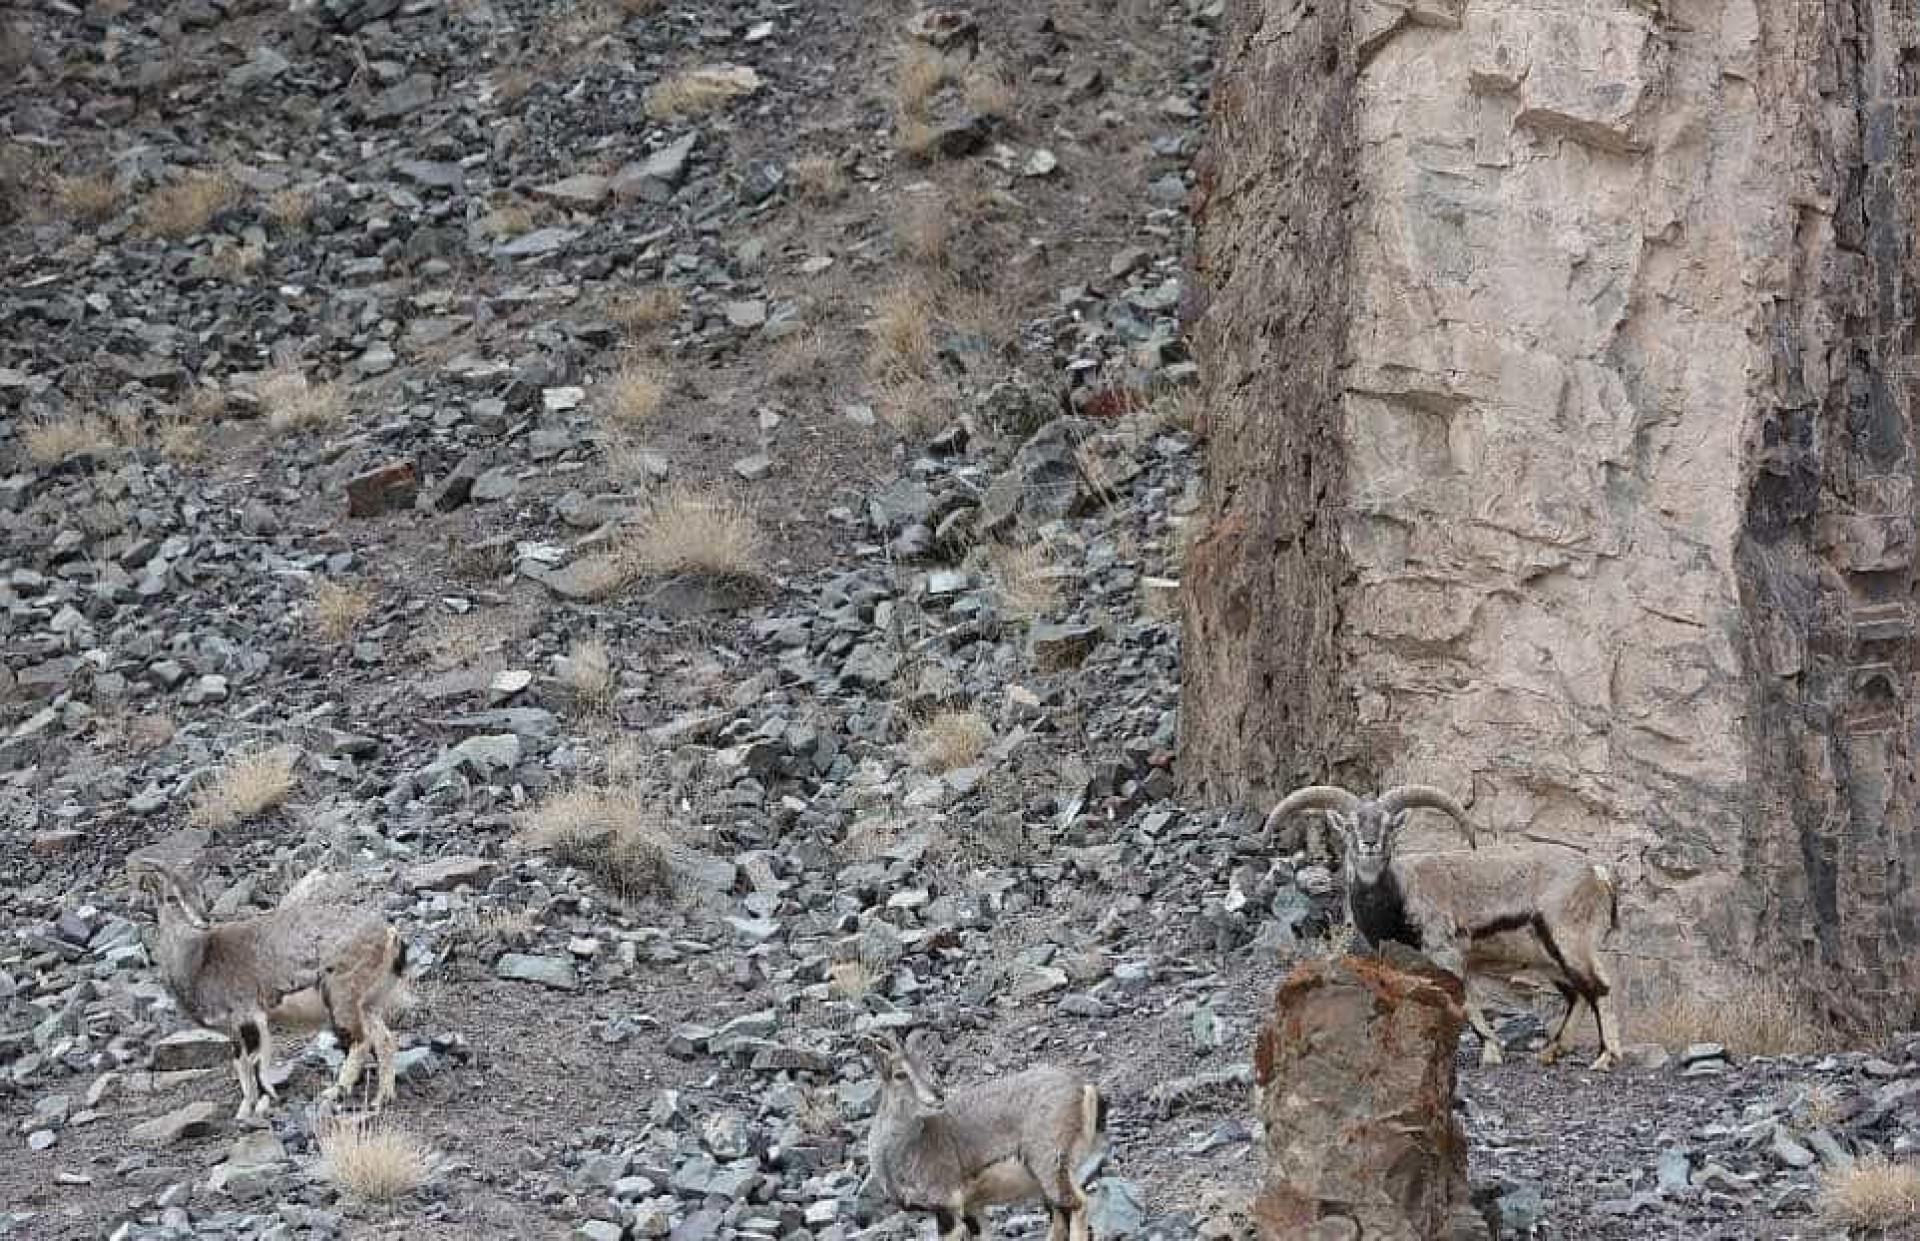 É muito difícil ver o leopardo nesta imagem. Pior foi para os carneiros